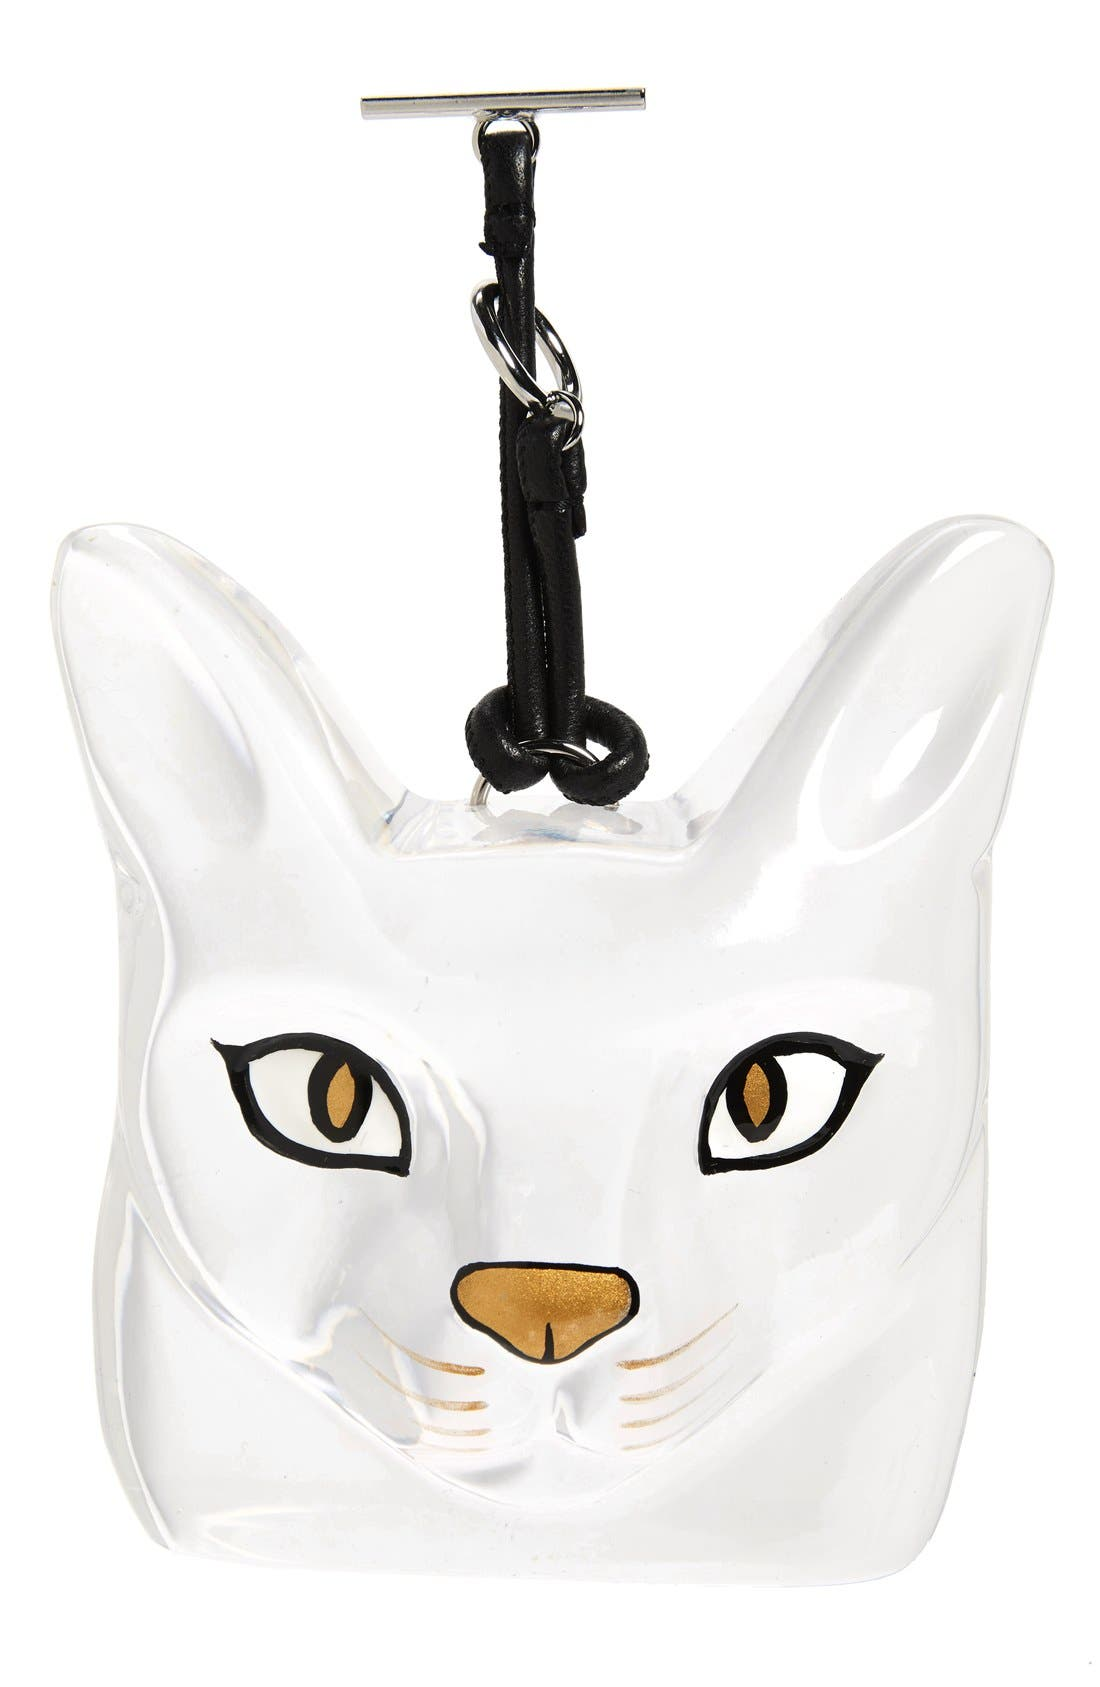 Main Image - Loewe Cat Face Bag Charm